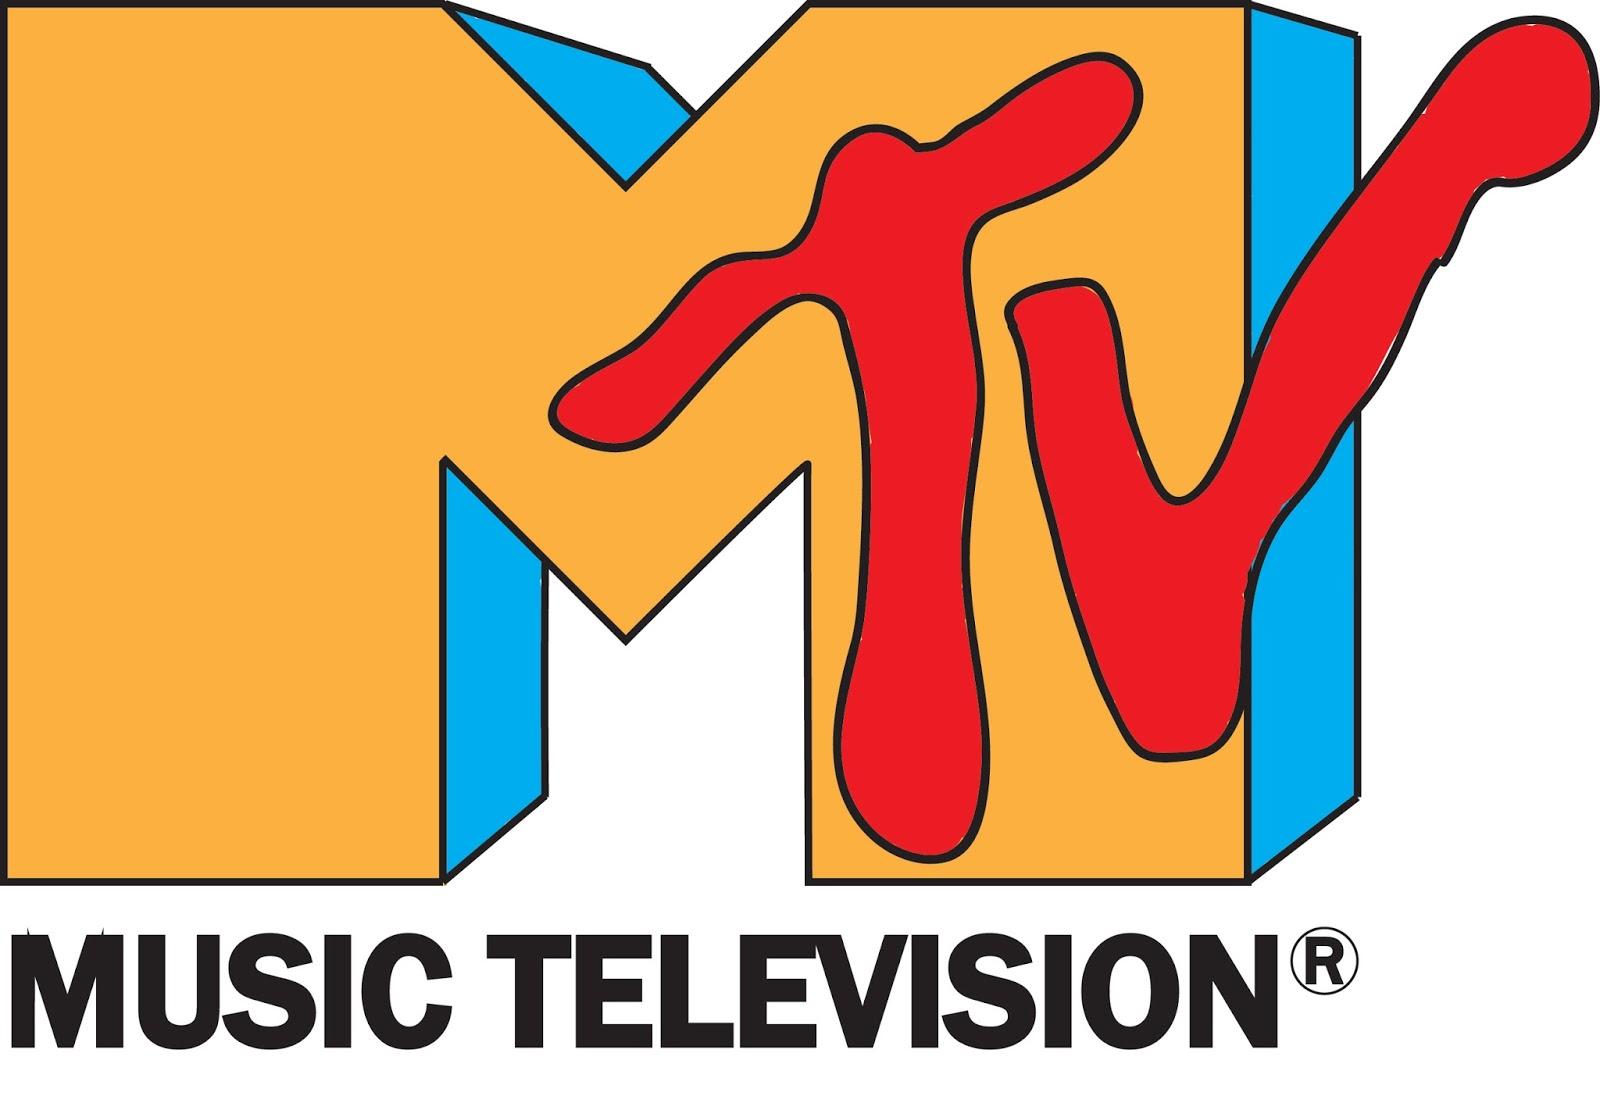 Câu chuyện của MTV và bài học cho chúng ta